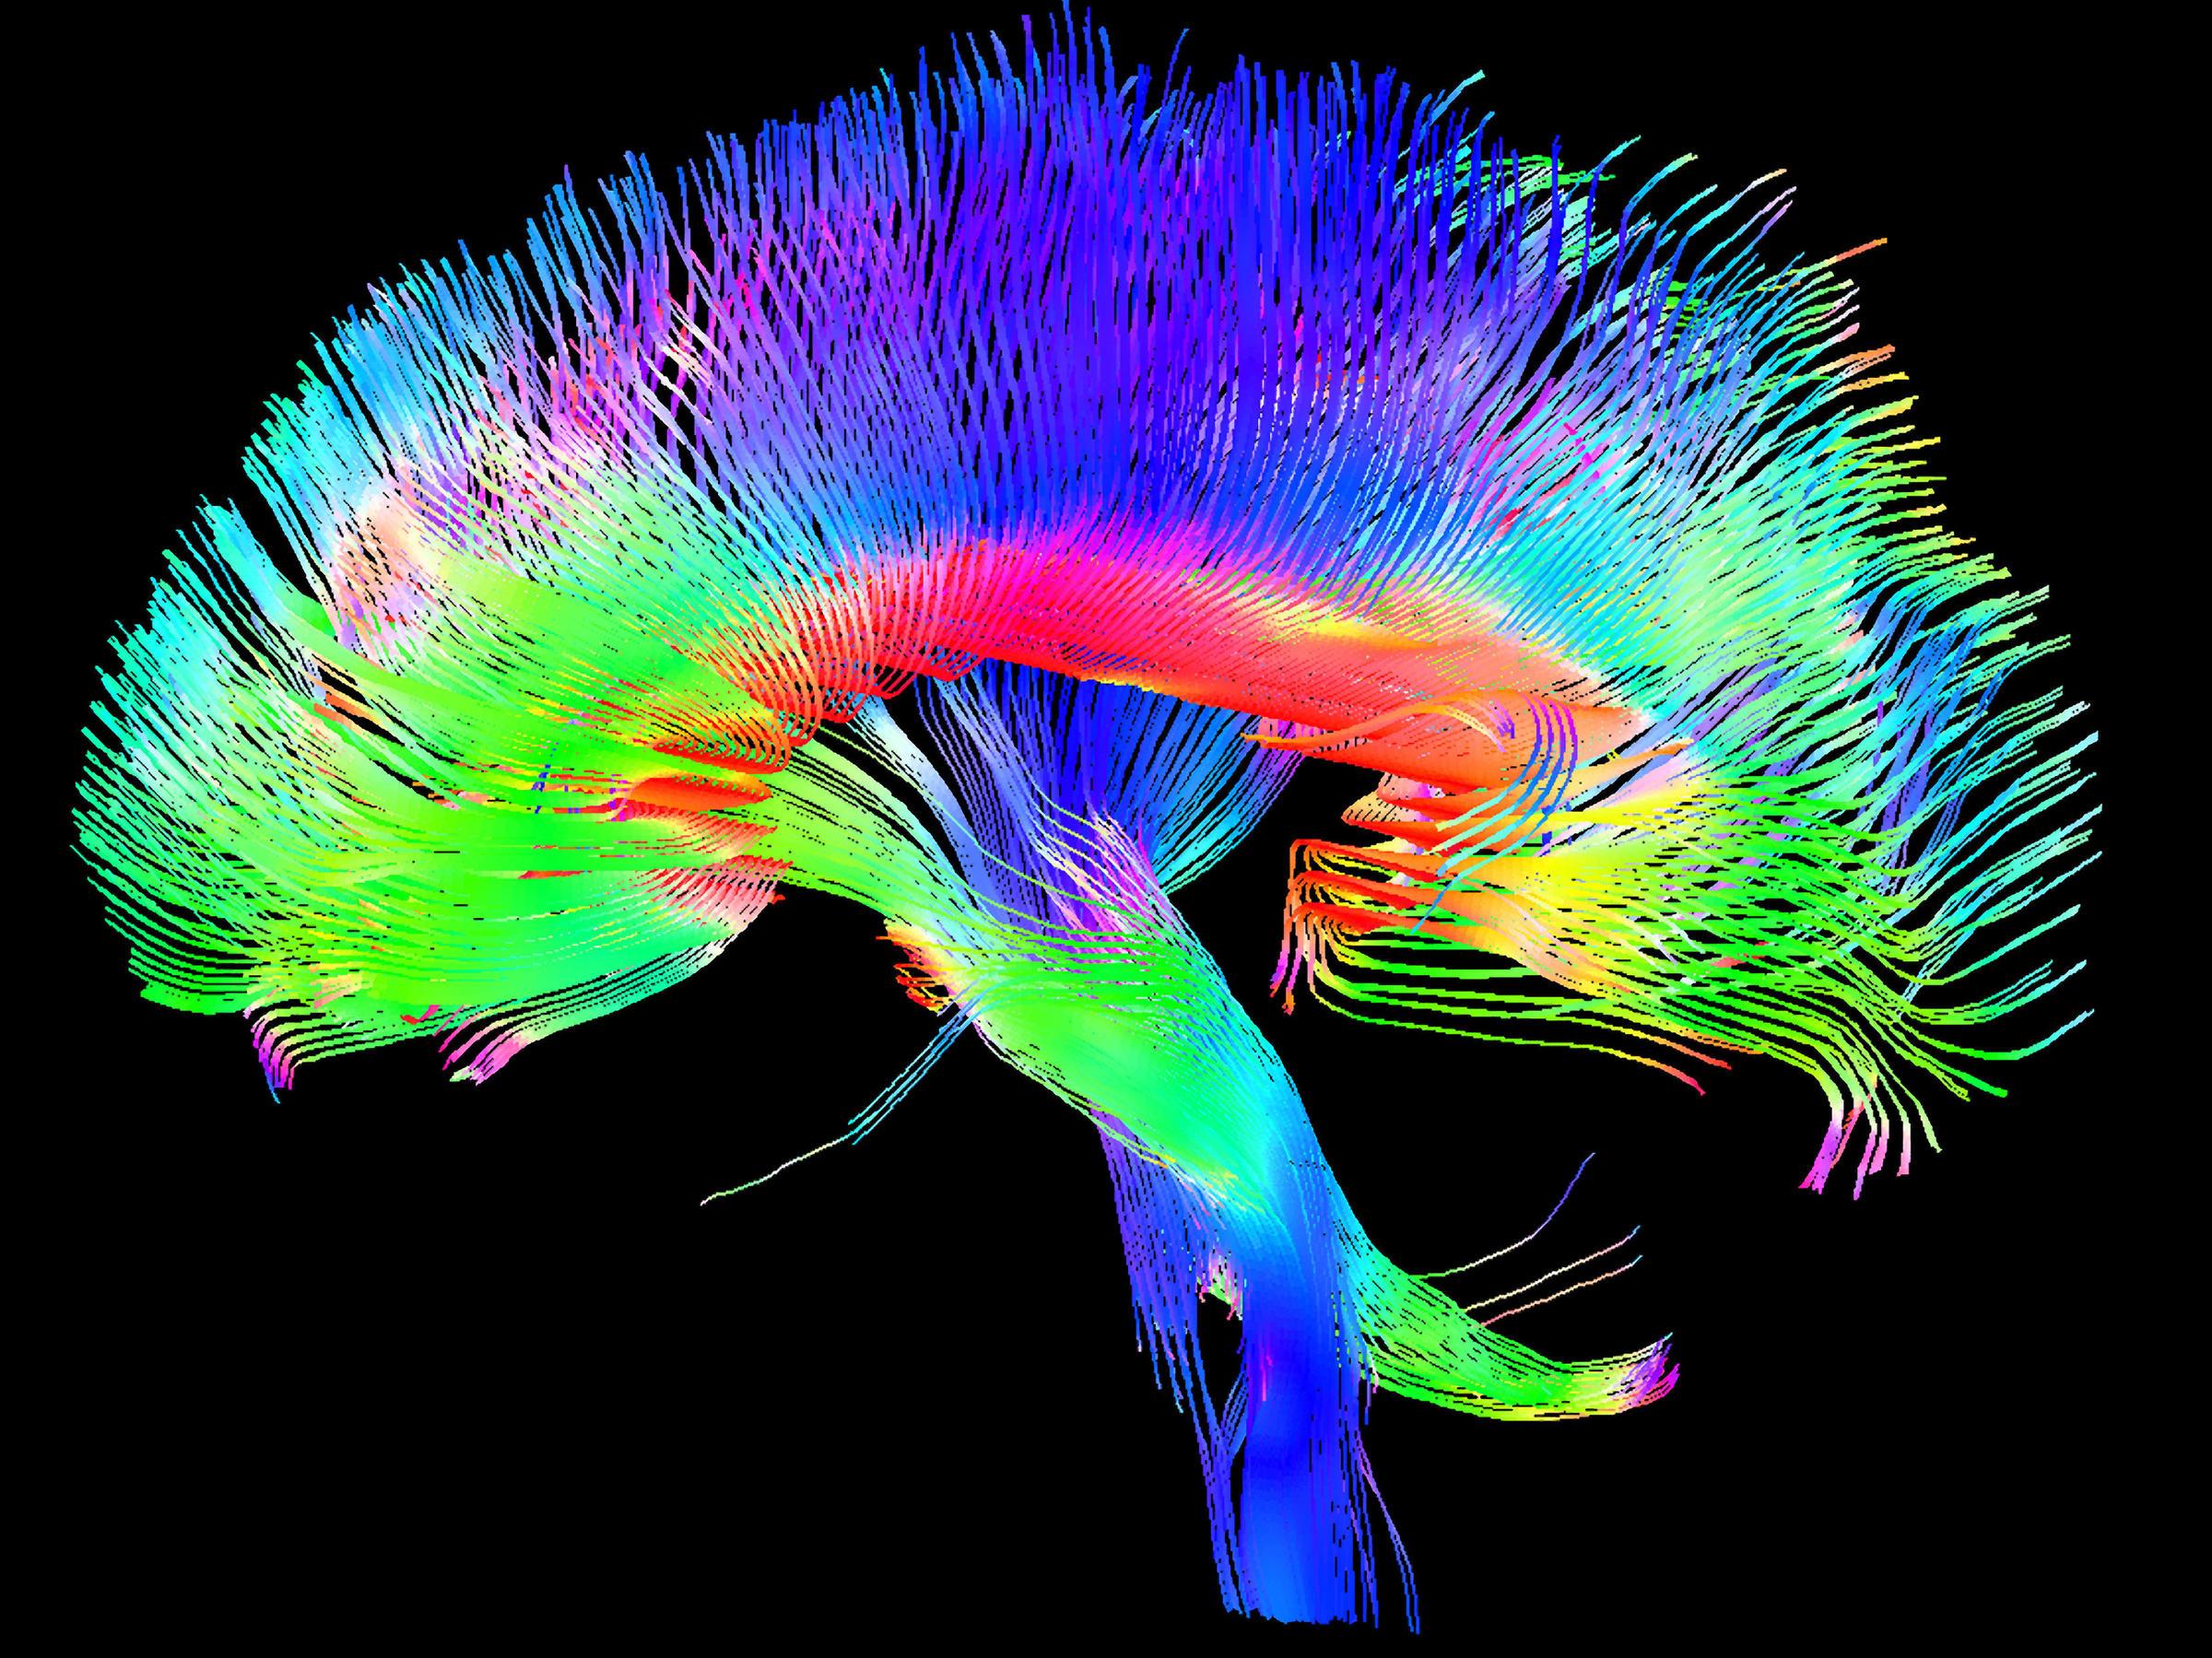 Les mouvements à l'intérieur du corps – Movements inside the body